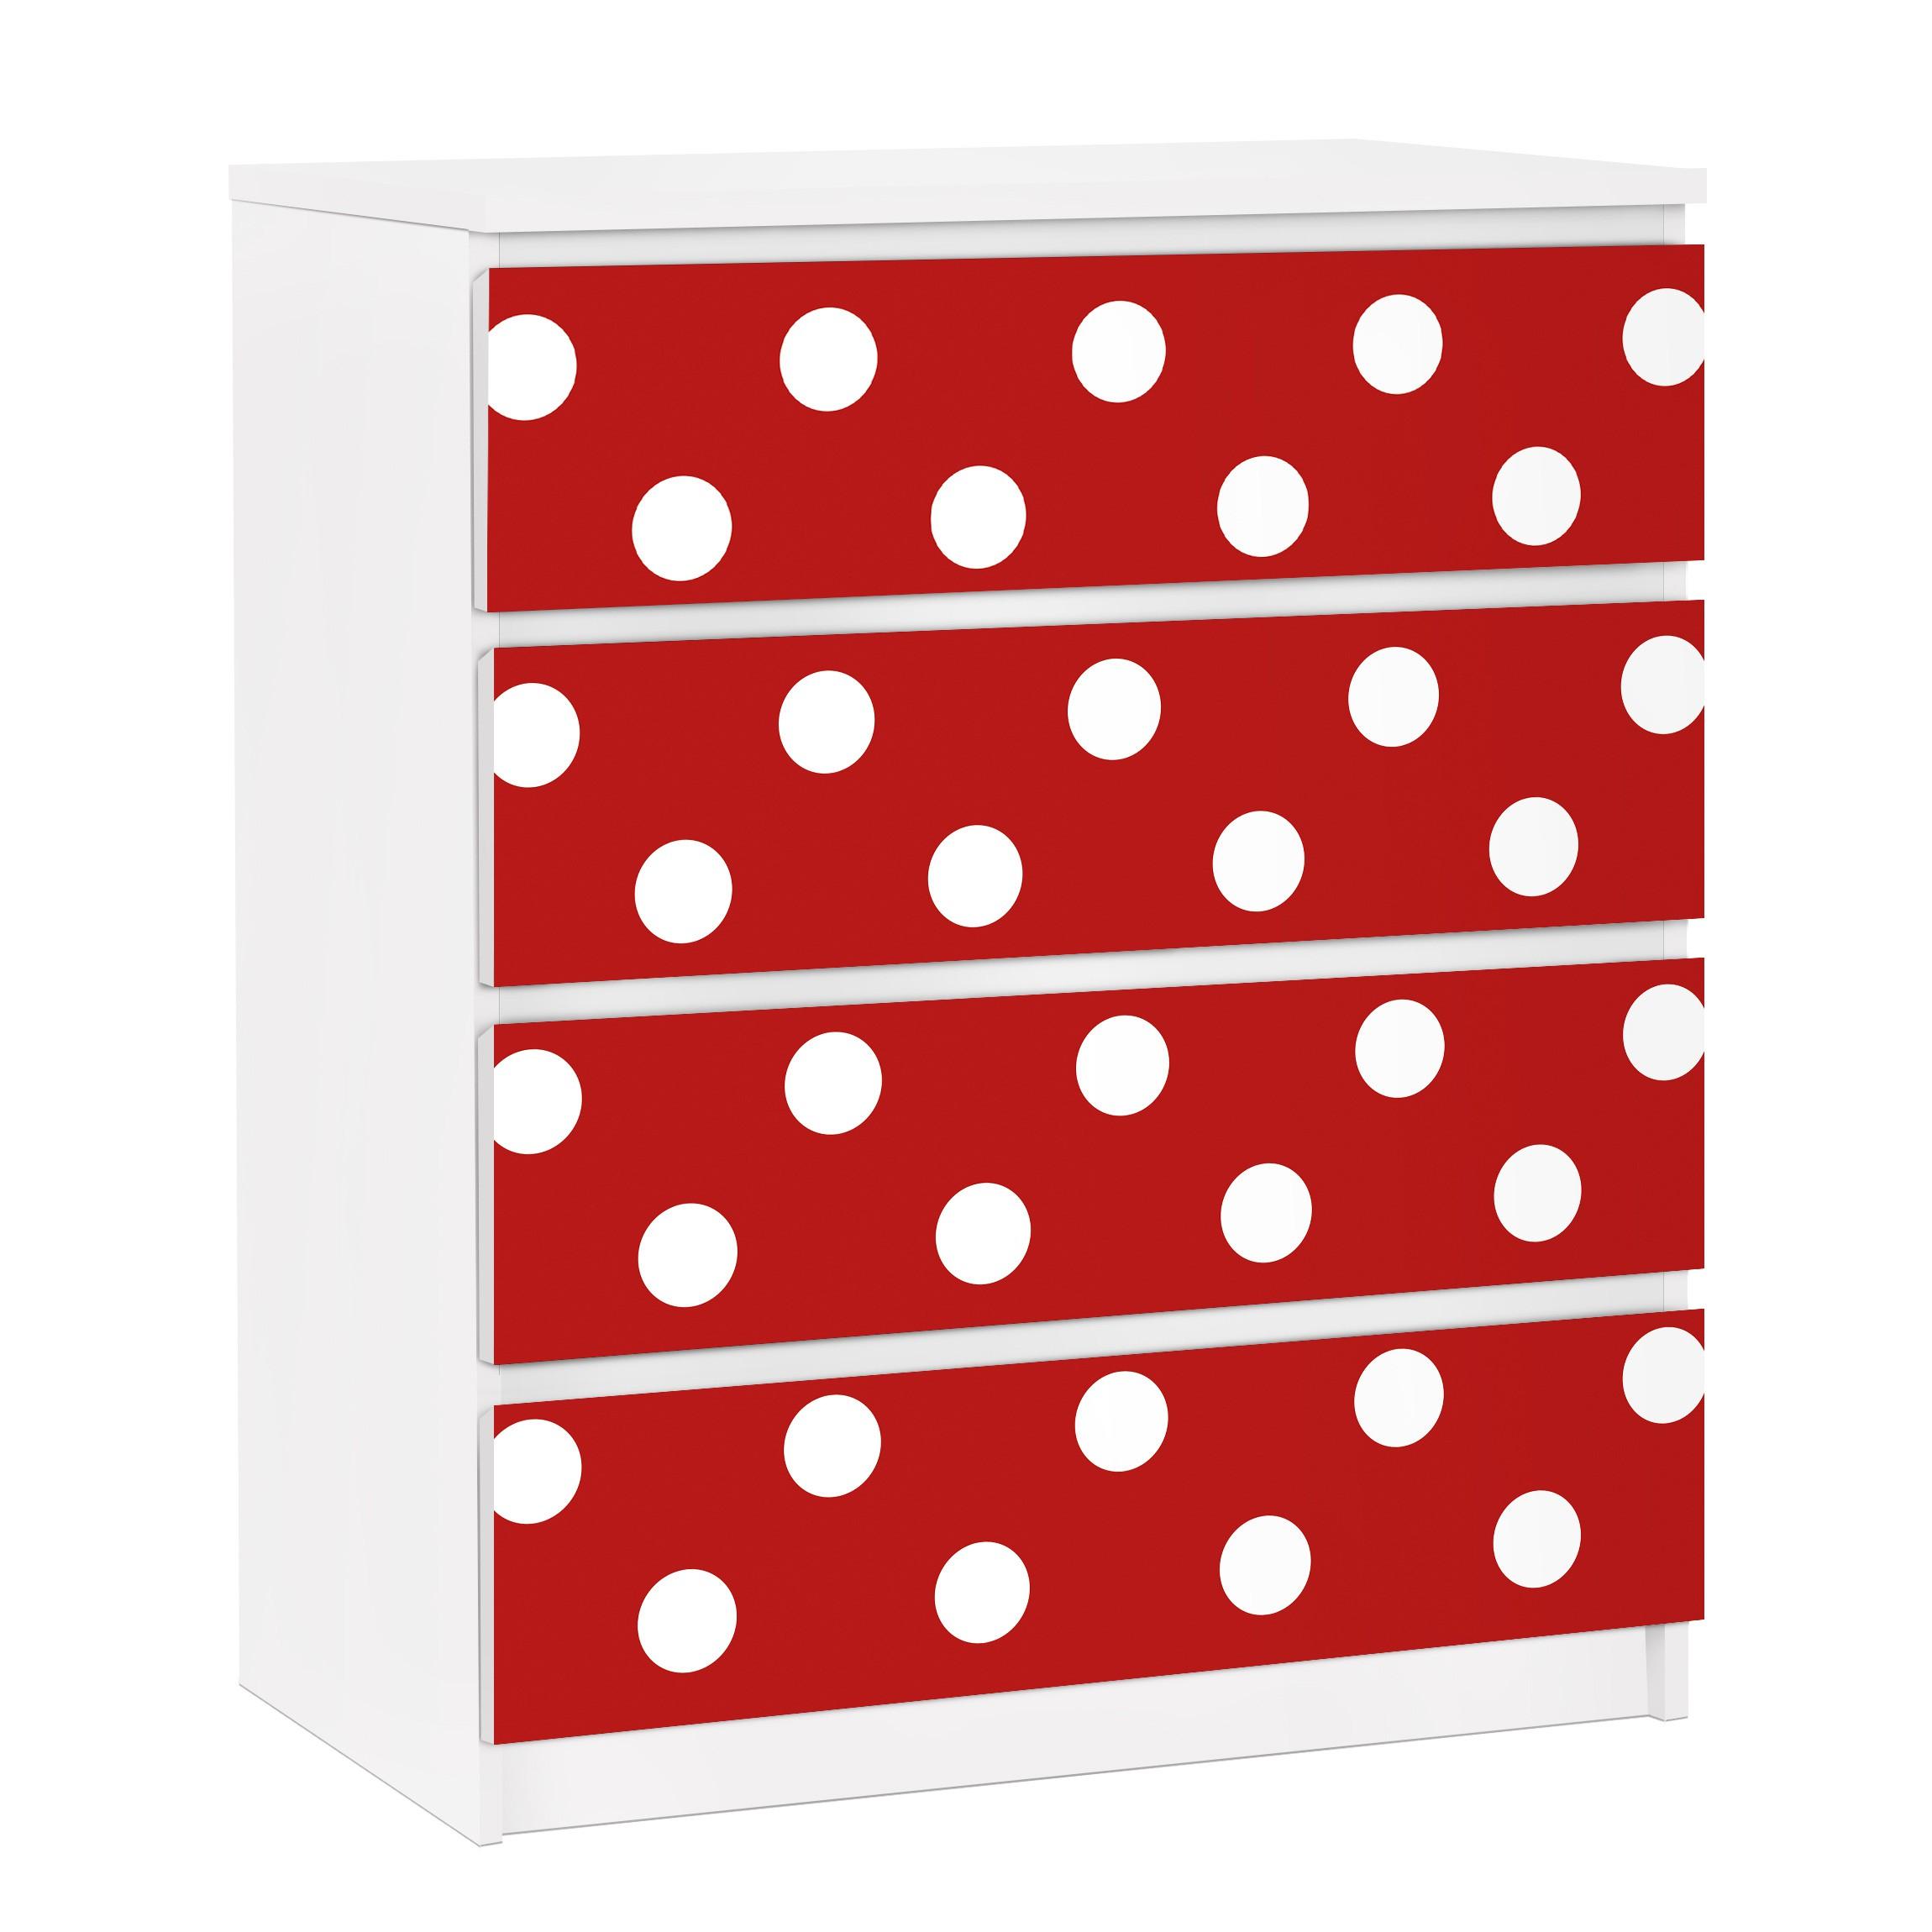 Carta adesiva per mobili ikea malm cassettiera 4xcassetti no ds92 dot design girly red - Cassettiera malm ikea 3 cassetti ...